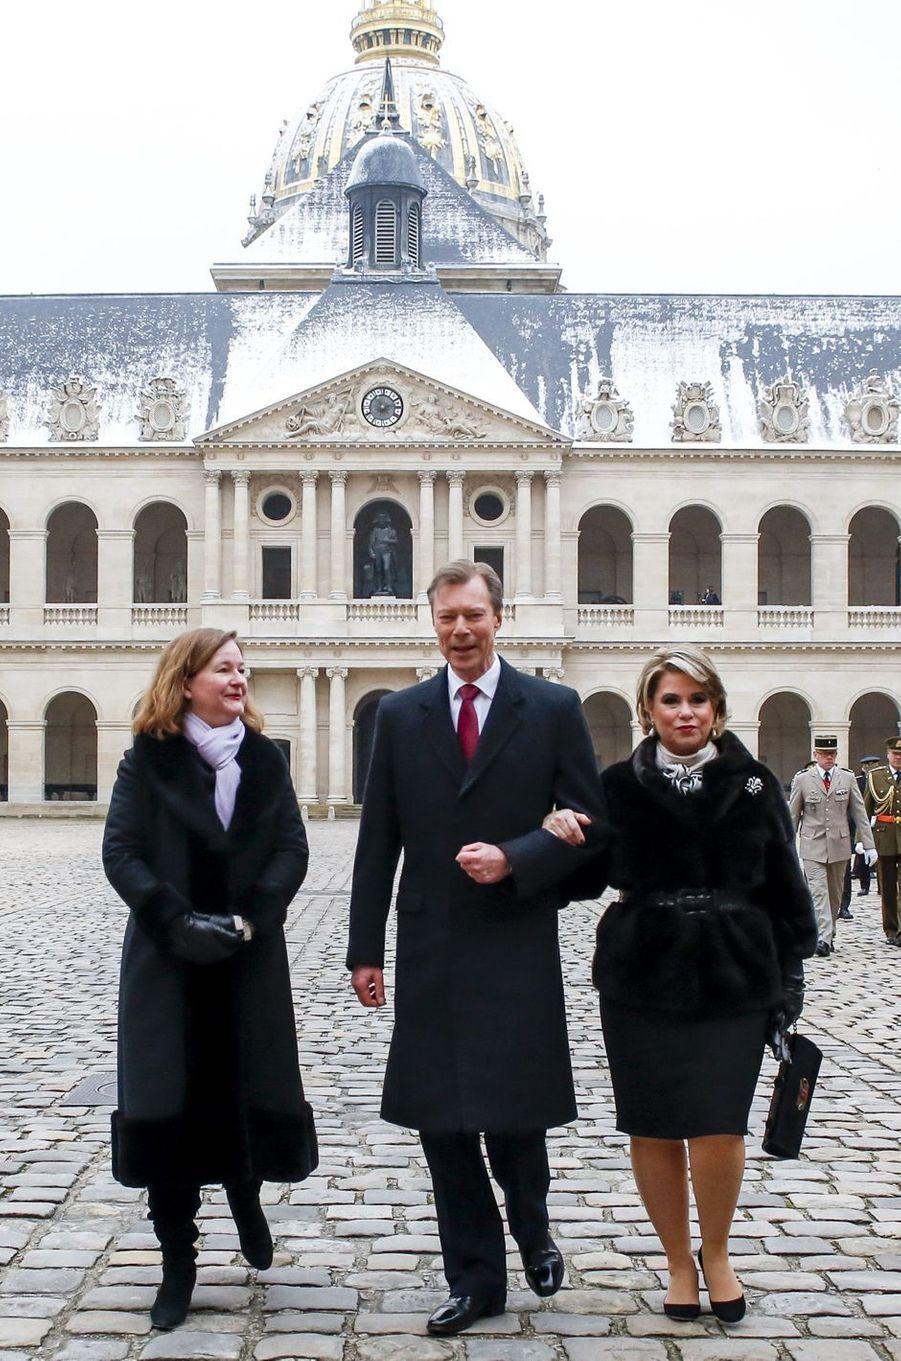 La grande-duchesse Maria Teresa et le grand-duc Henri de Luxembourg dans la cour des Invalides à Paris, le 19 mars 2018